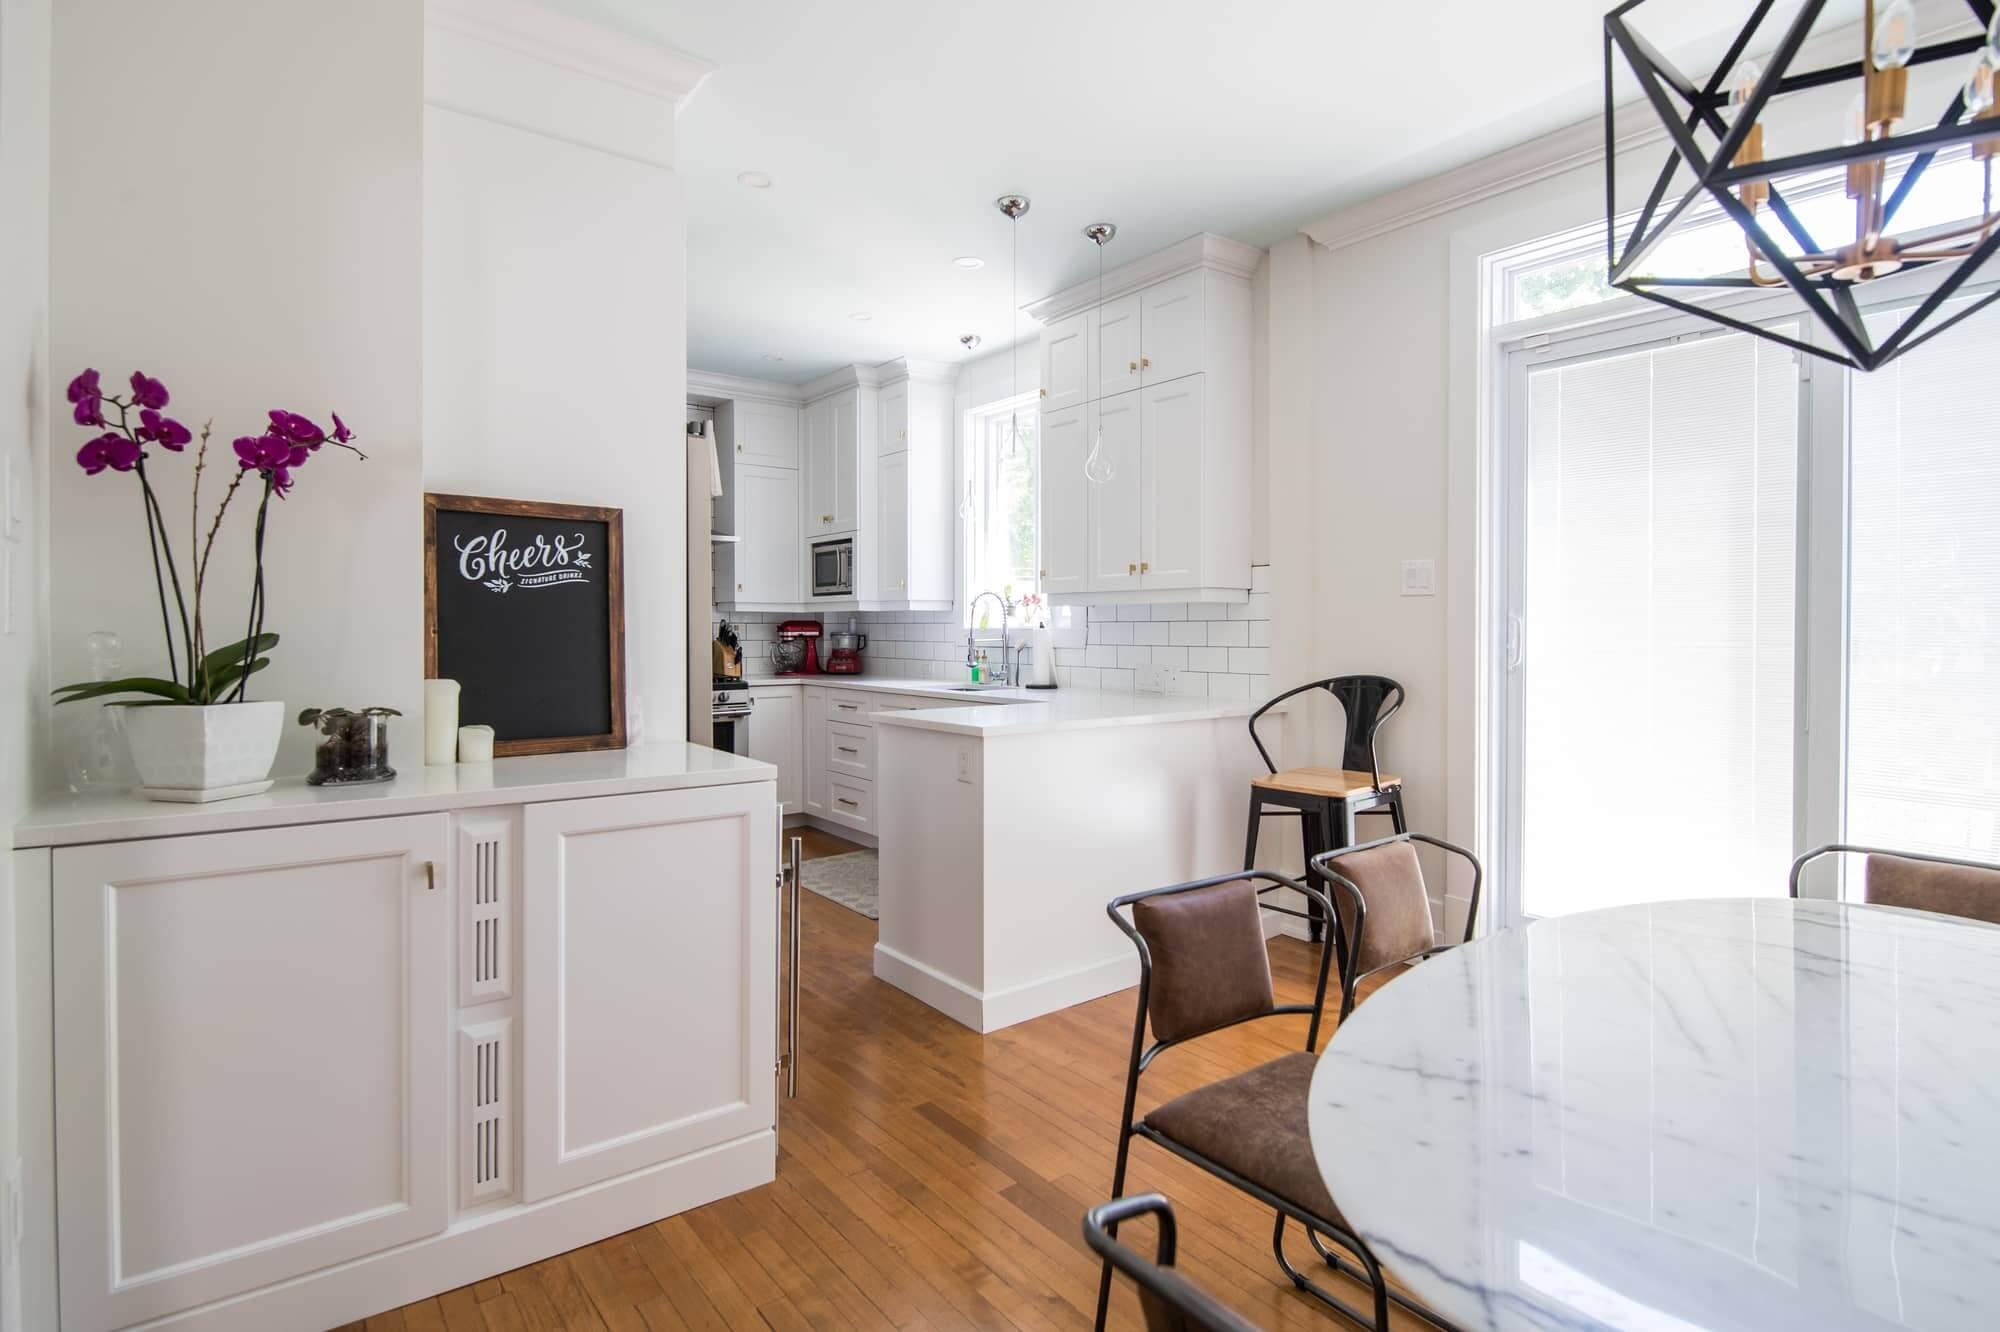 Meuble sur mesure blanc adjacent à une cuisine et salle à manger avec table en marbre